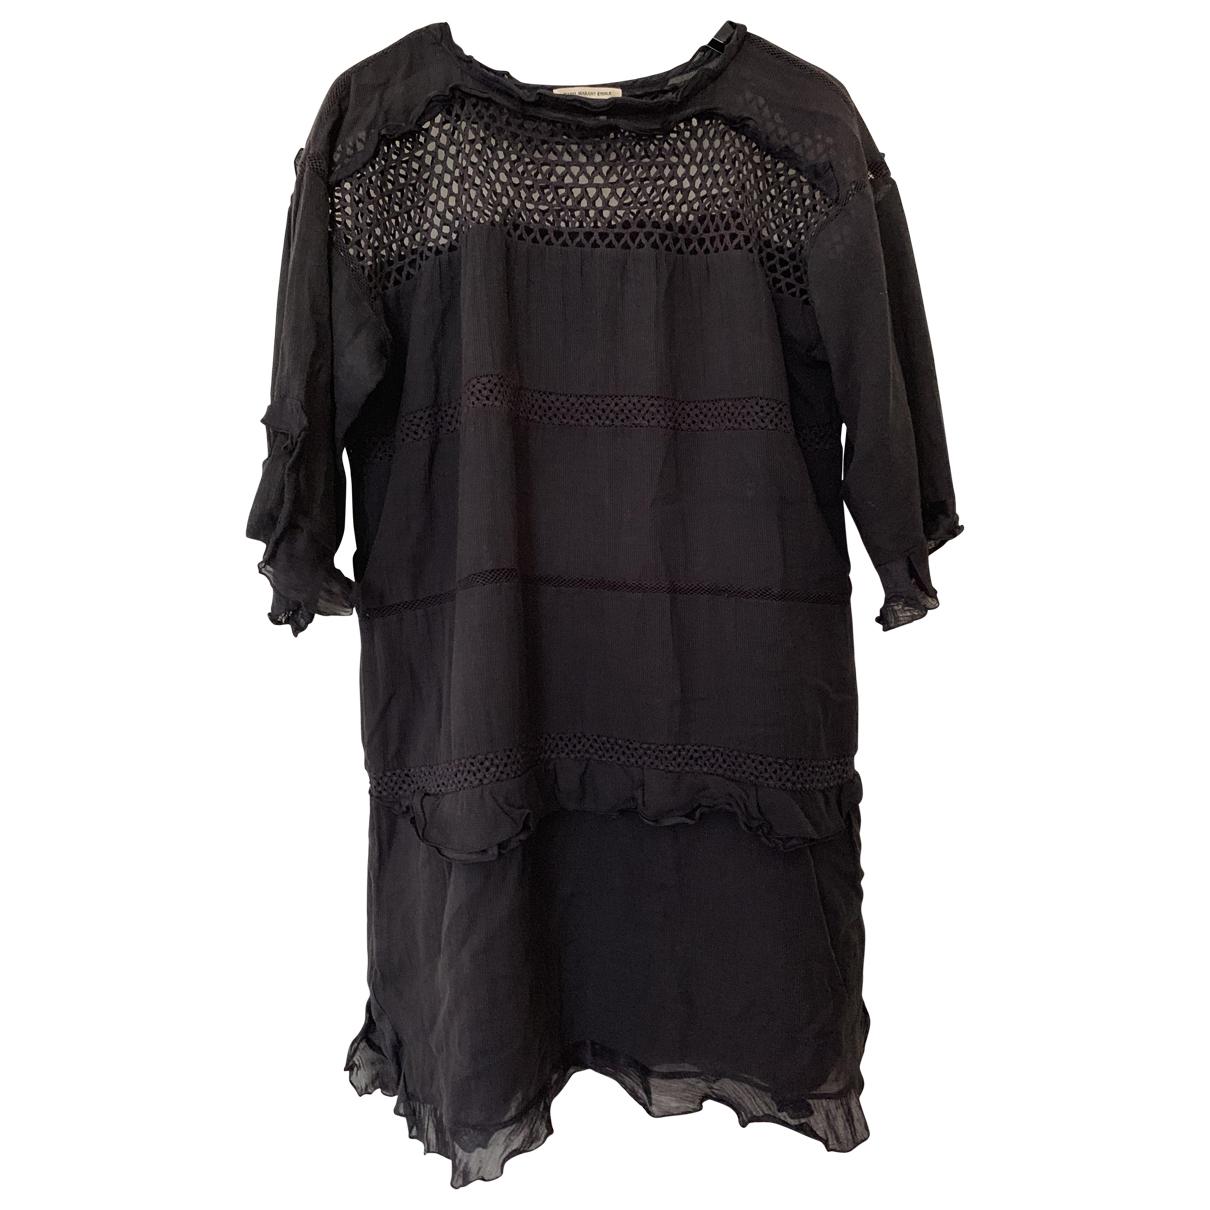 Isabel Marant Etoile \N Black Cotton dress for Women 34 FR